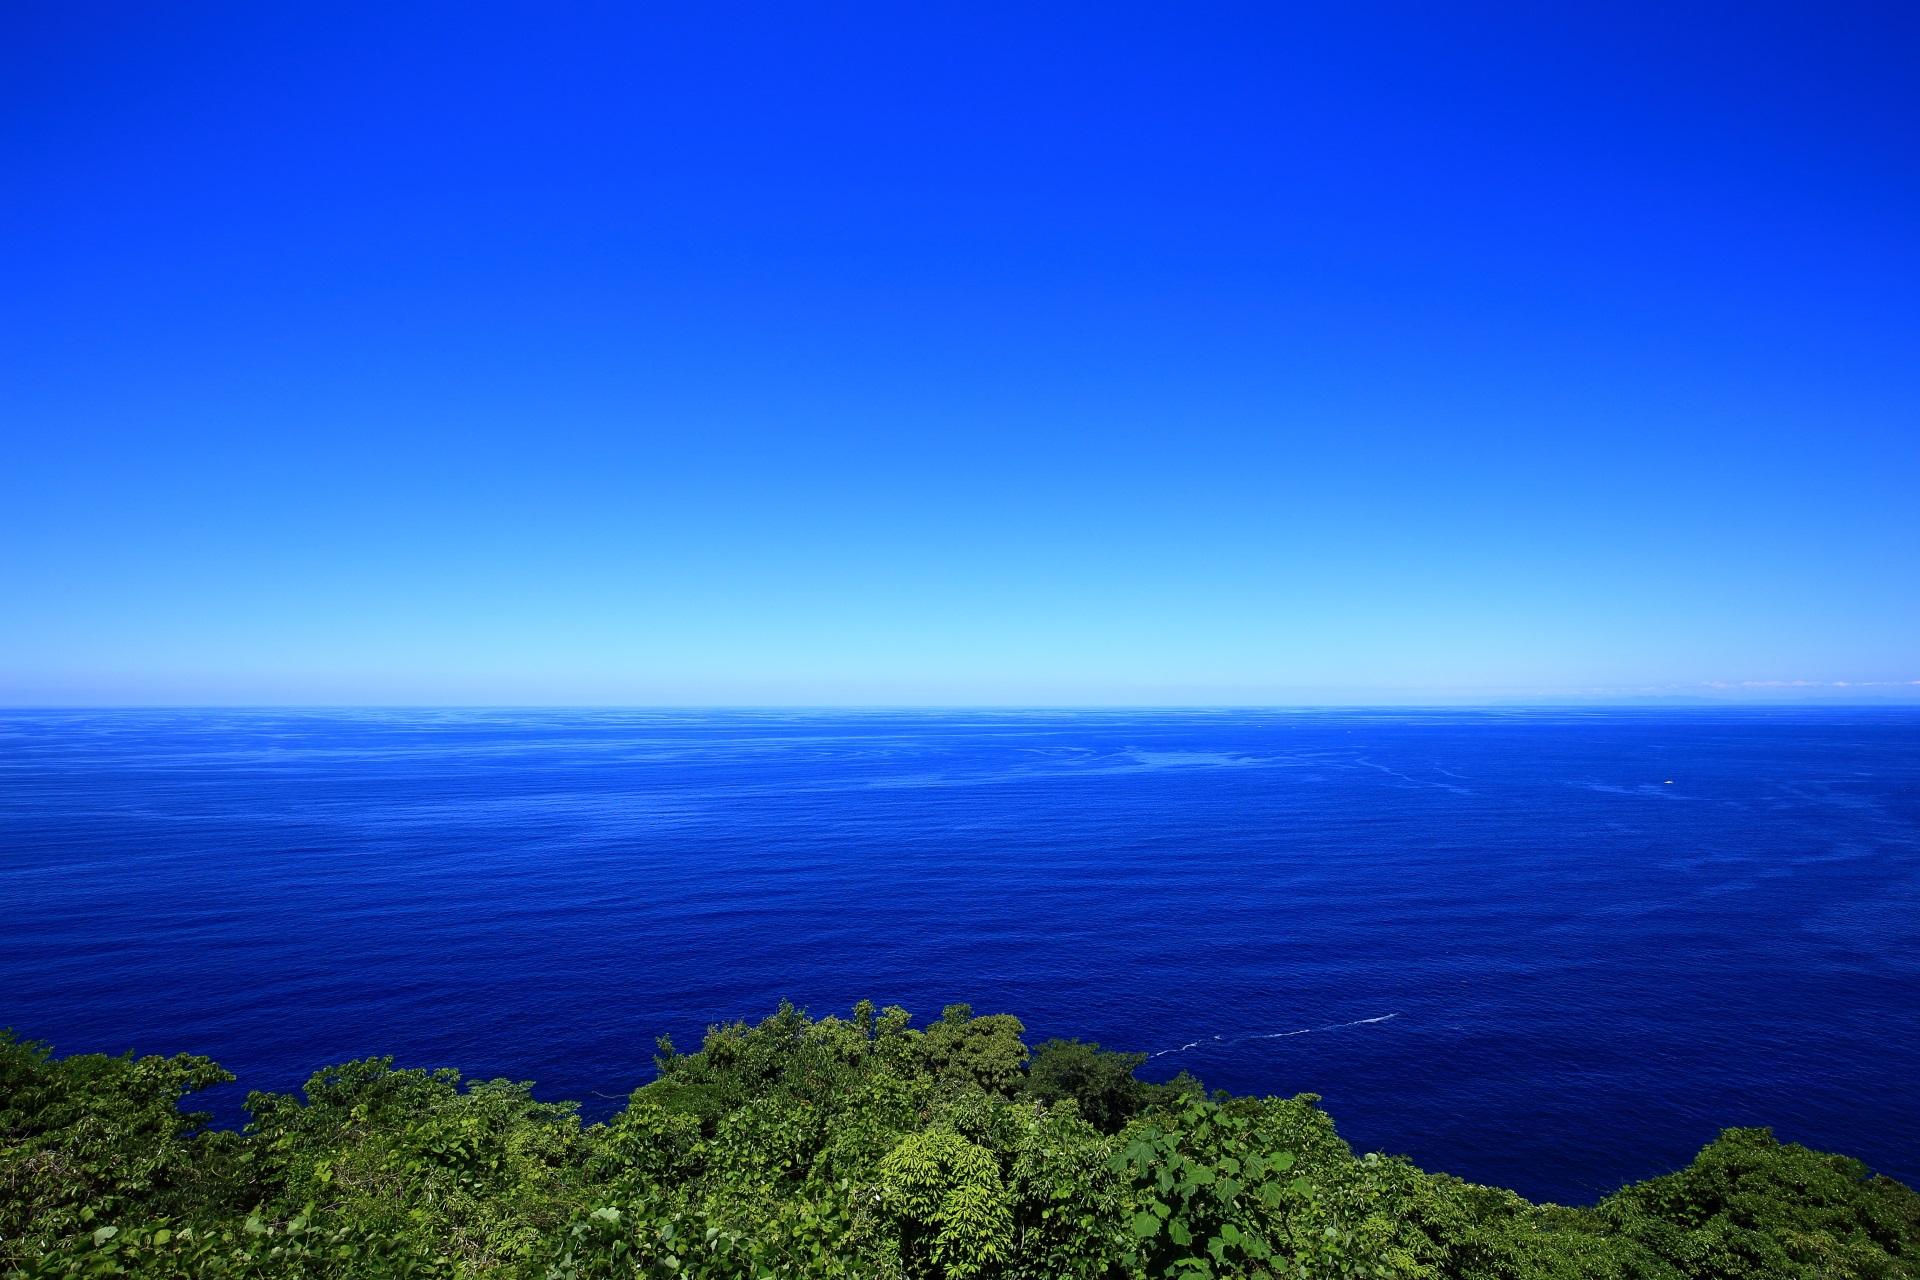 経ヶ岬灯台の前(灯台よりも海側)から眺めた日本海